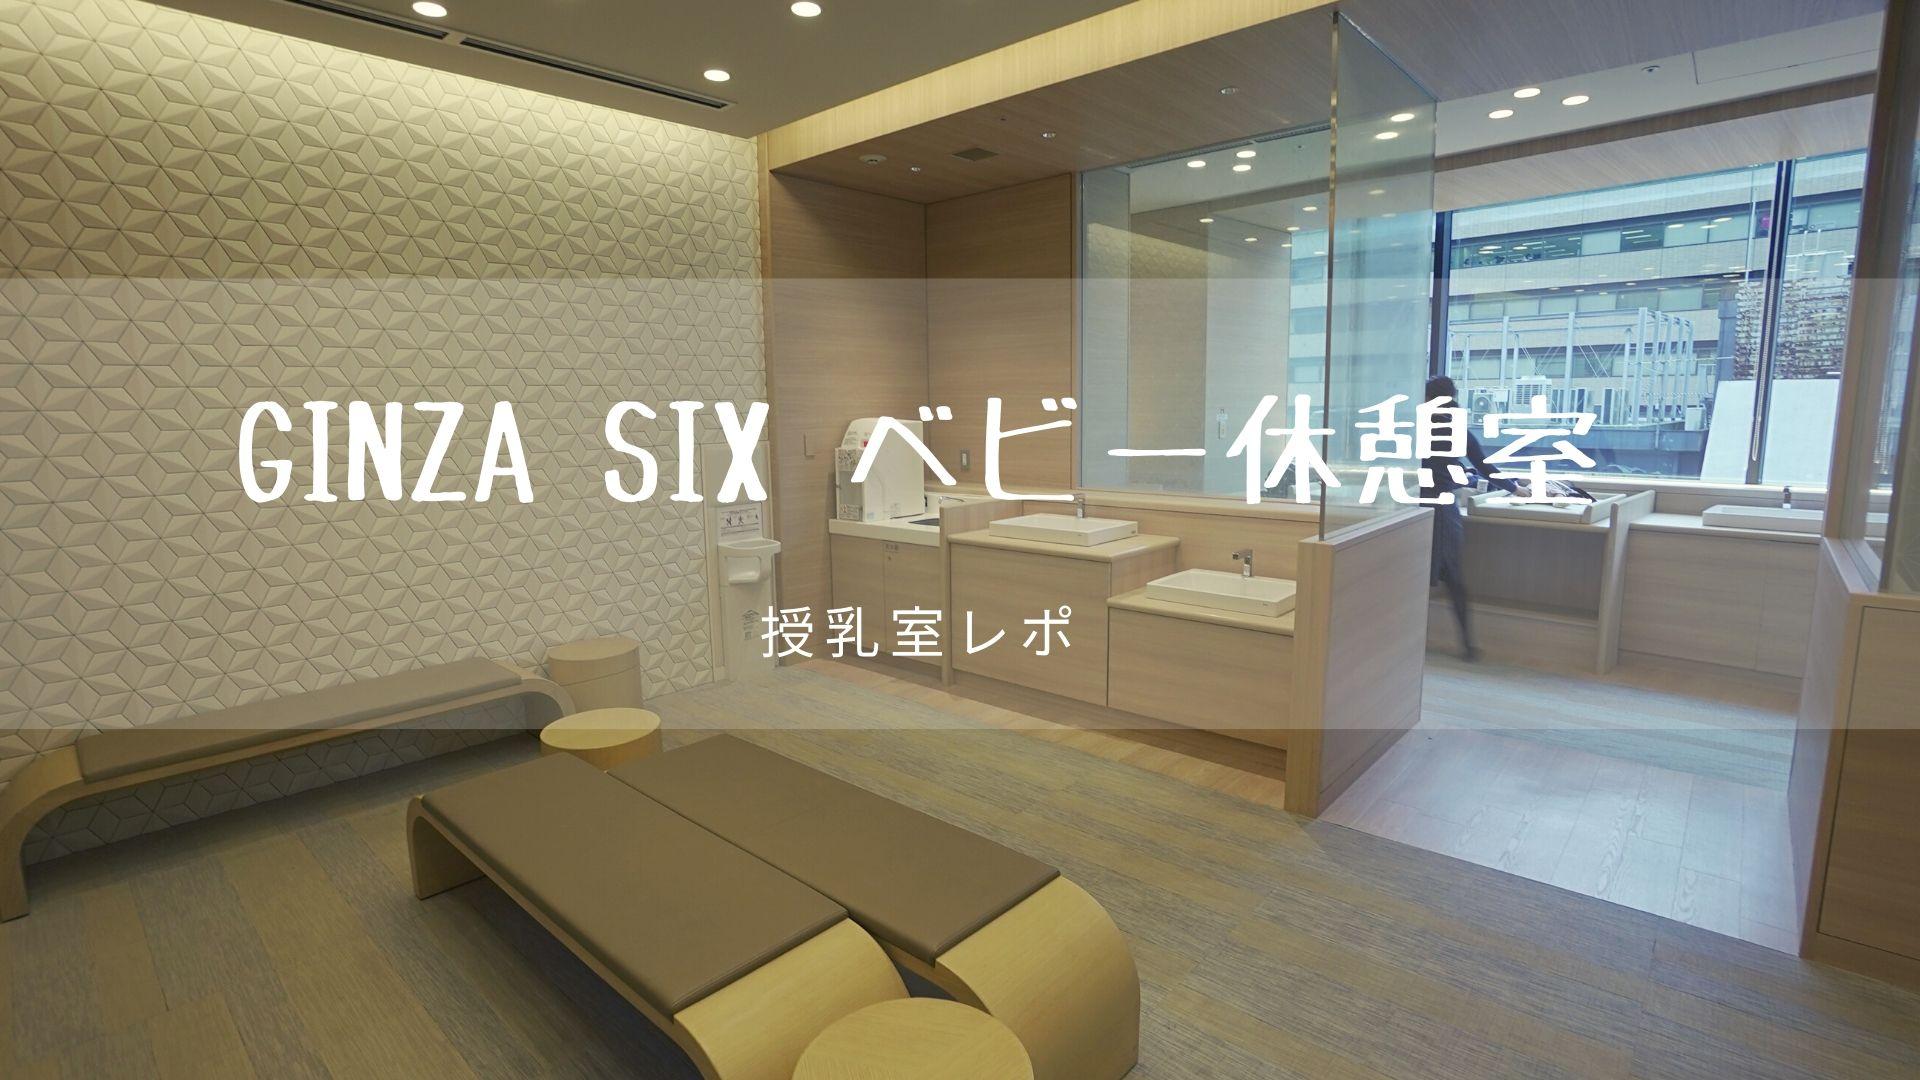 【授乳室レポ】GINZA SIX ベビー休憩室【銀座】